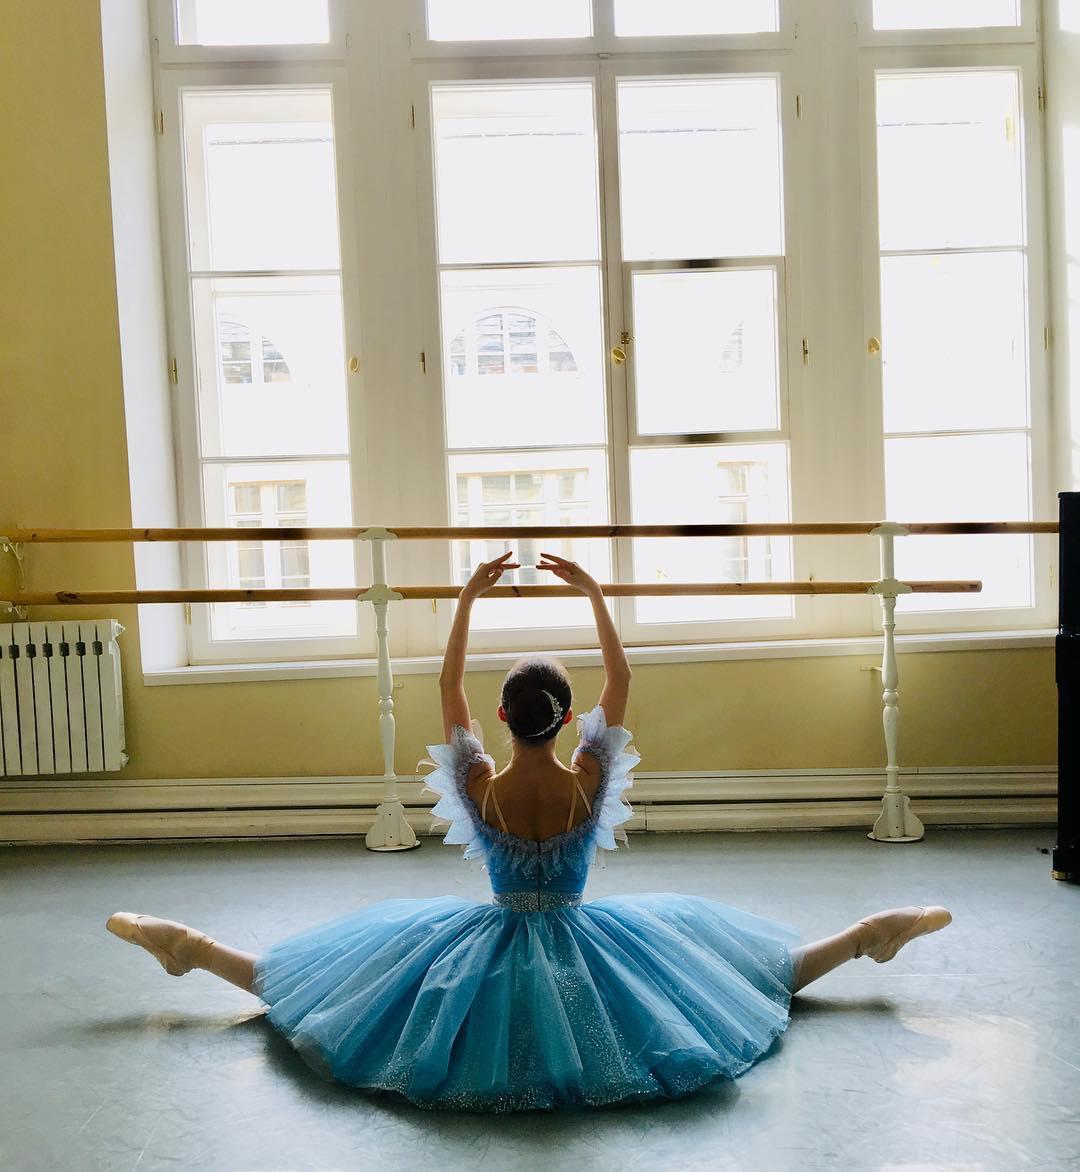 Русская балерина сразила Запад фантастической гибкостью